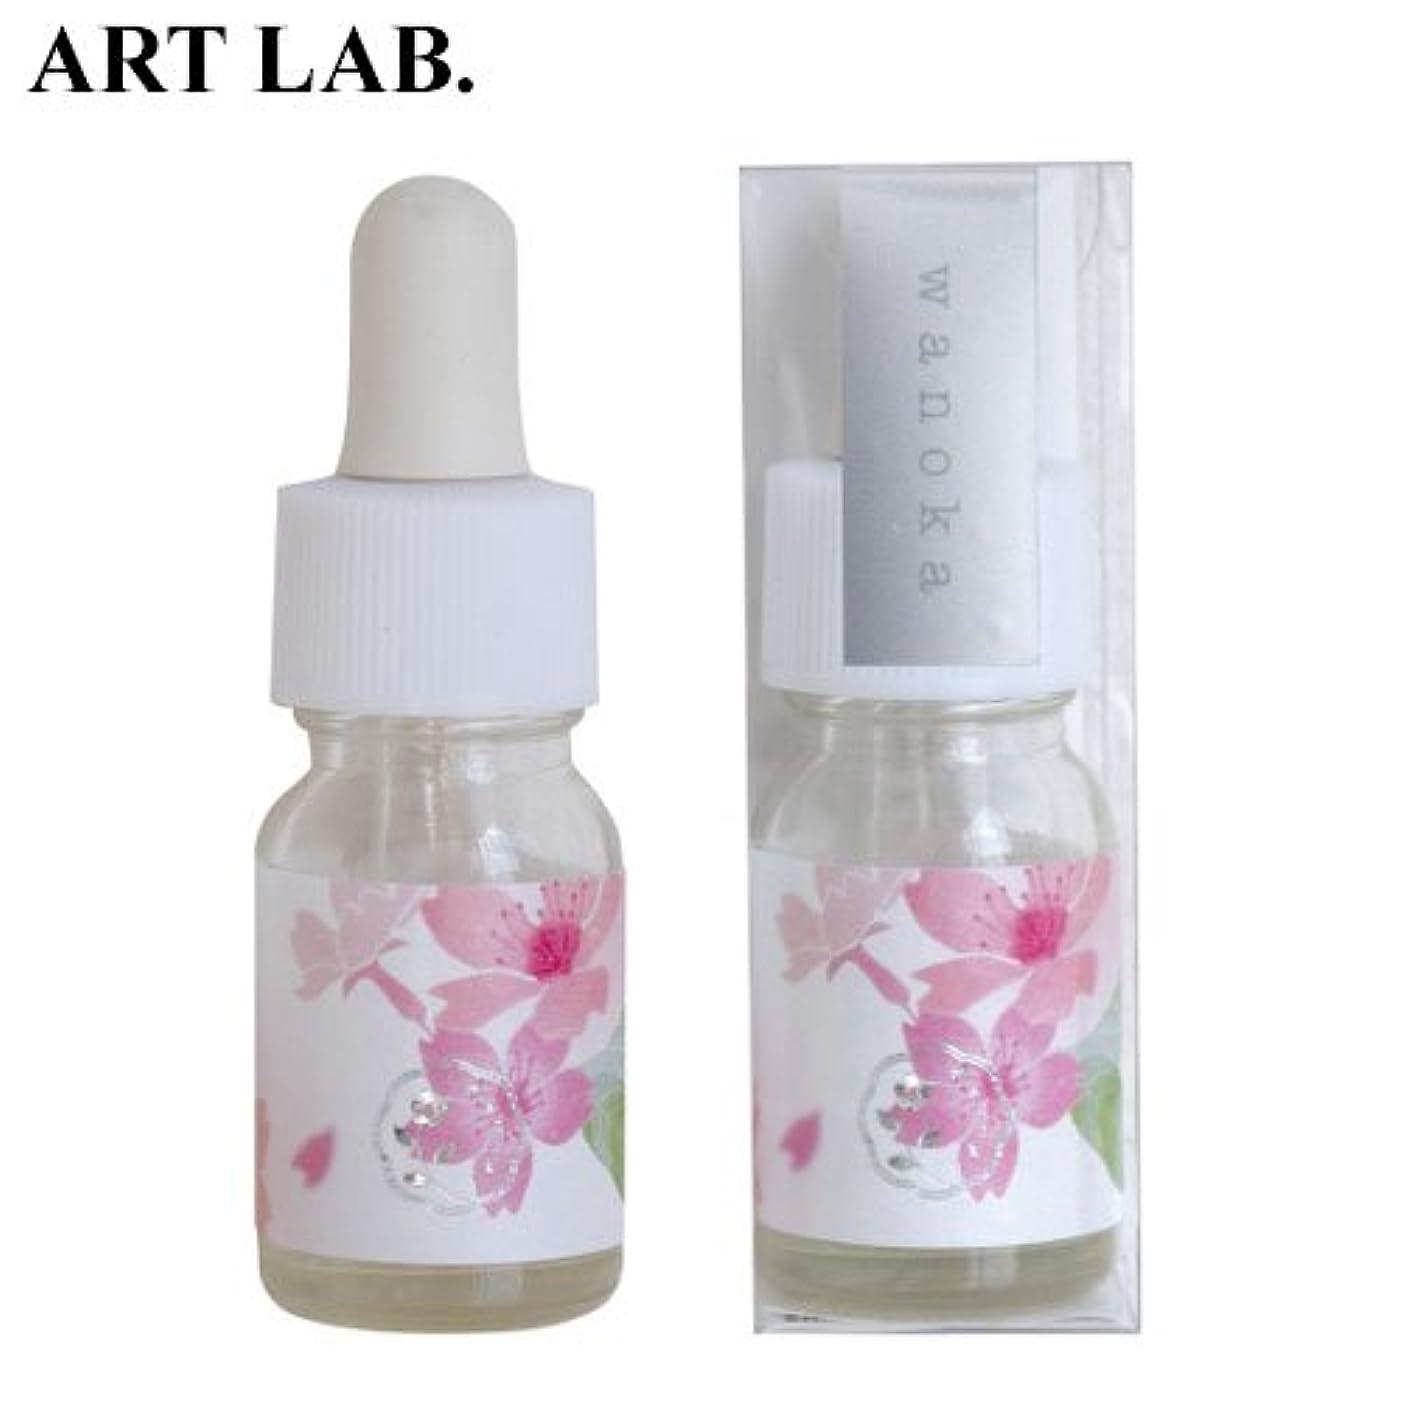 混乱した配管チーフwanoka香油アロマオイル桜《桜をイメージした甘い香り》ART LABAromatic oil